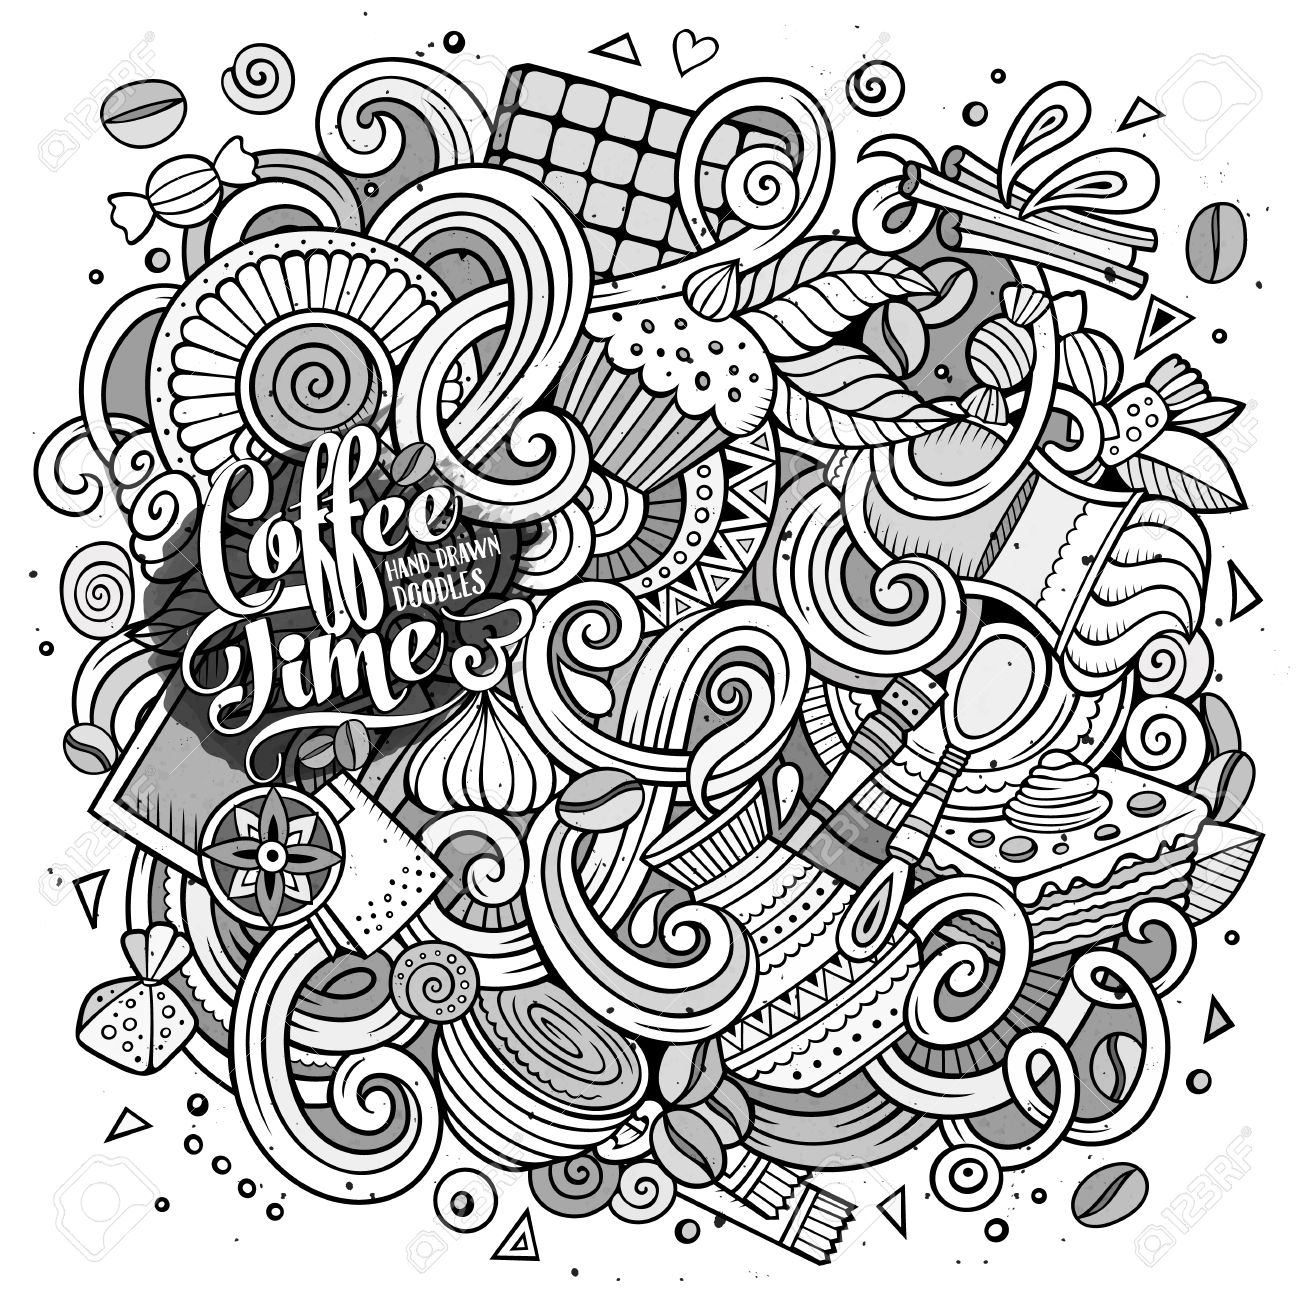 9e142a23e73 Cartoon Hand-drawn Doodles Cafe